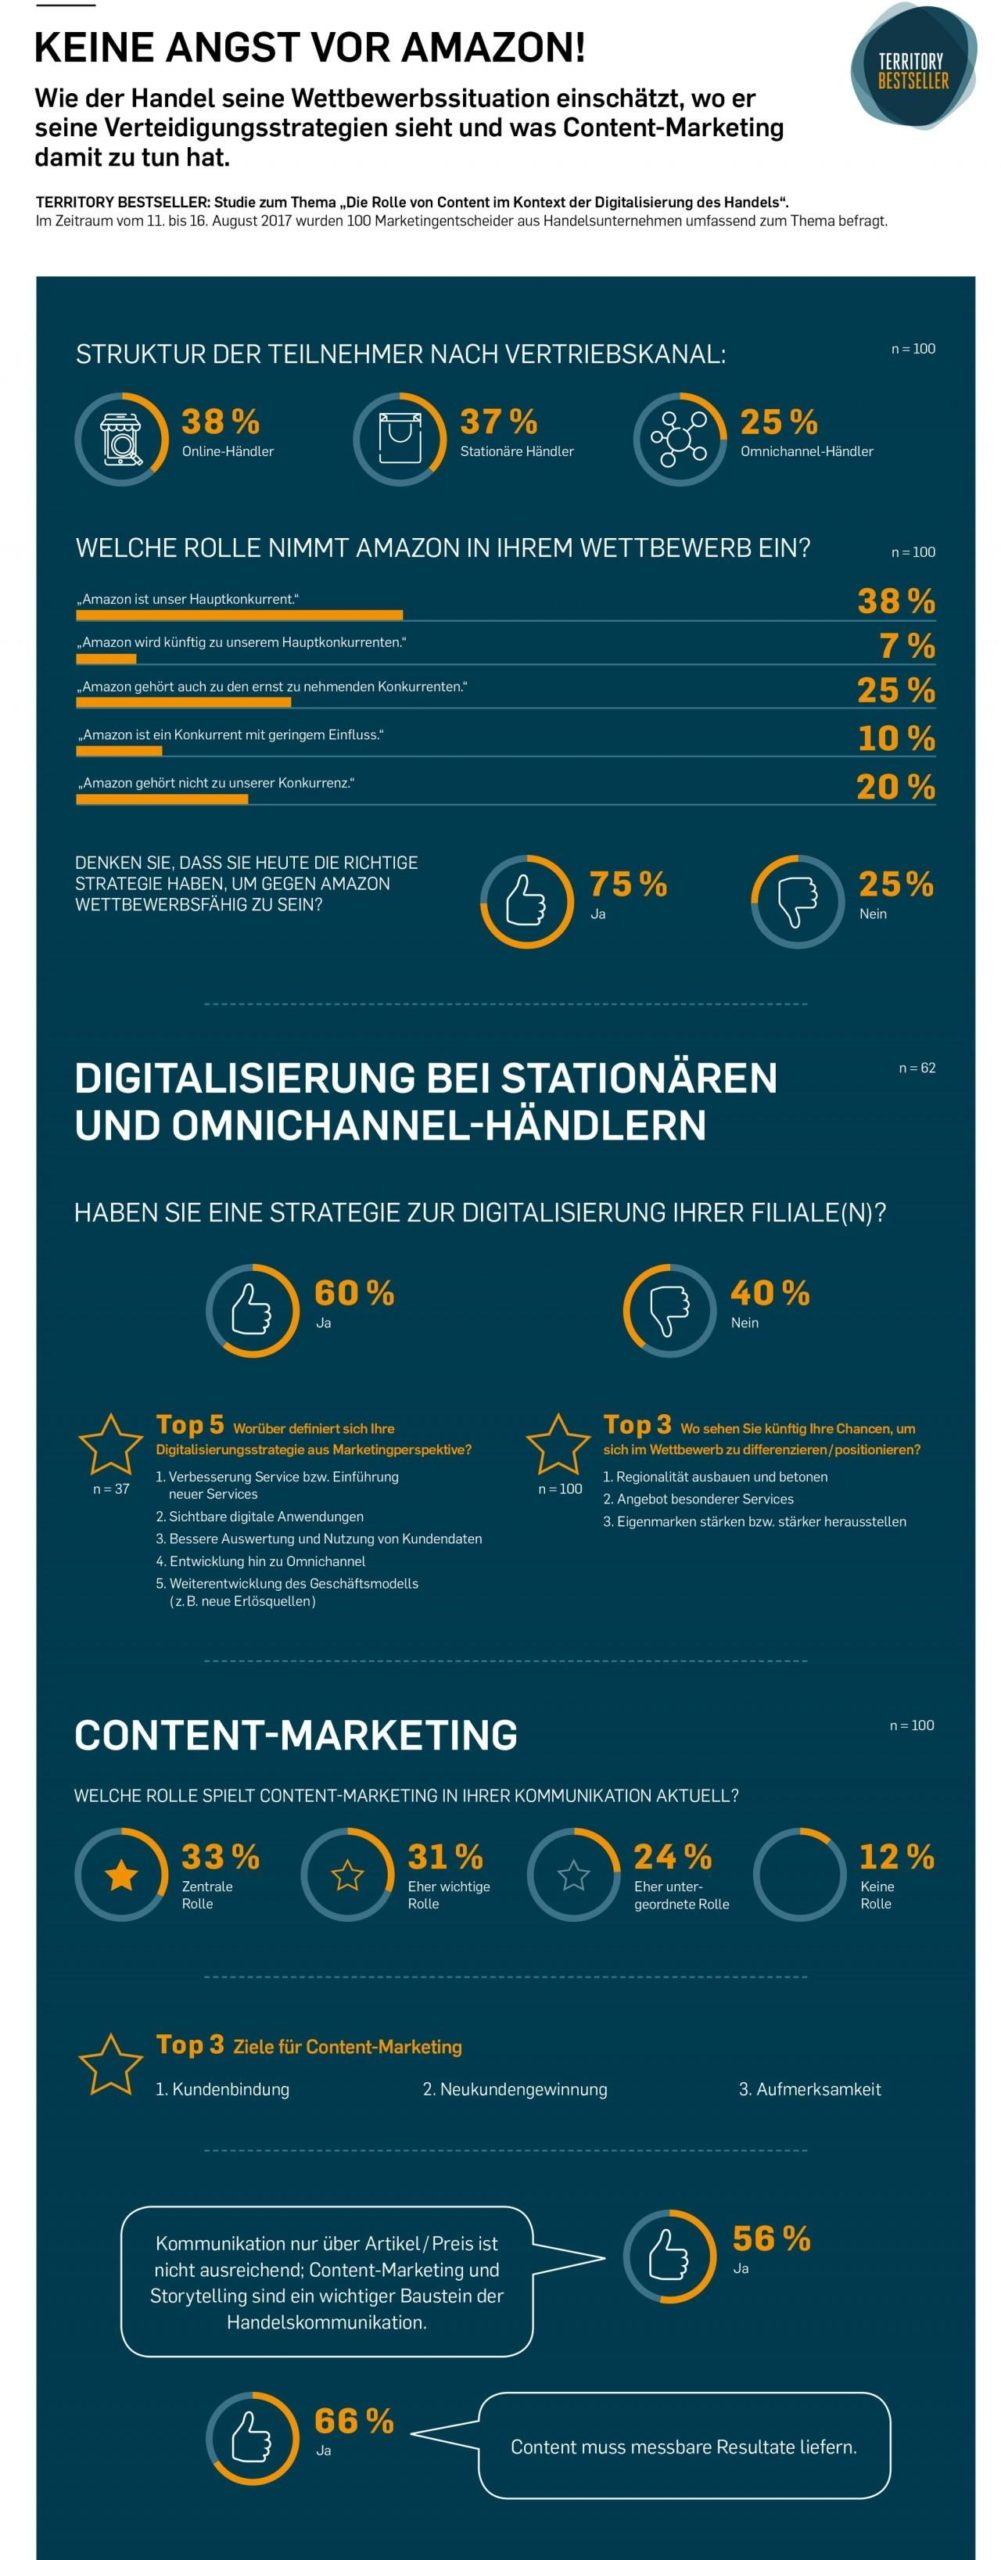 Digitalisierung: mit Content Marketing gegen Amazon